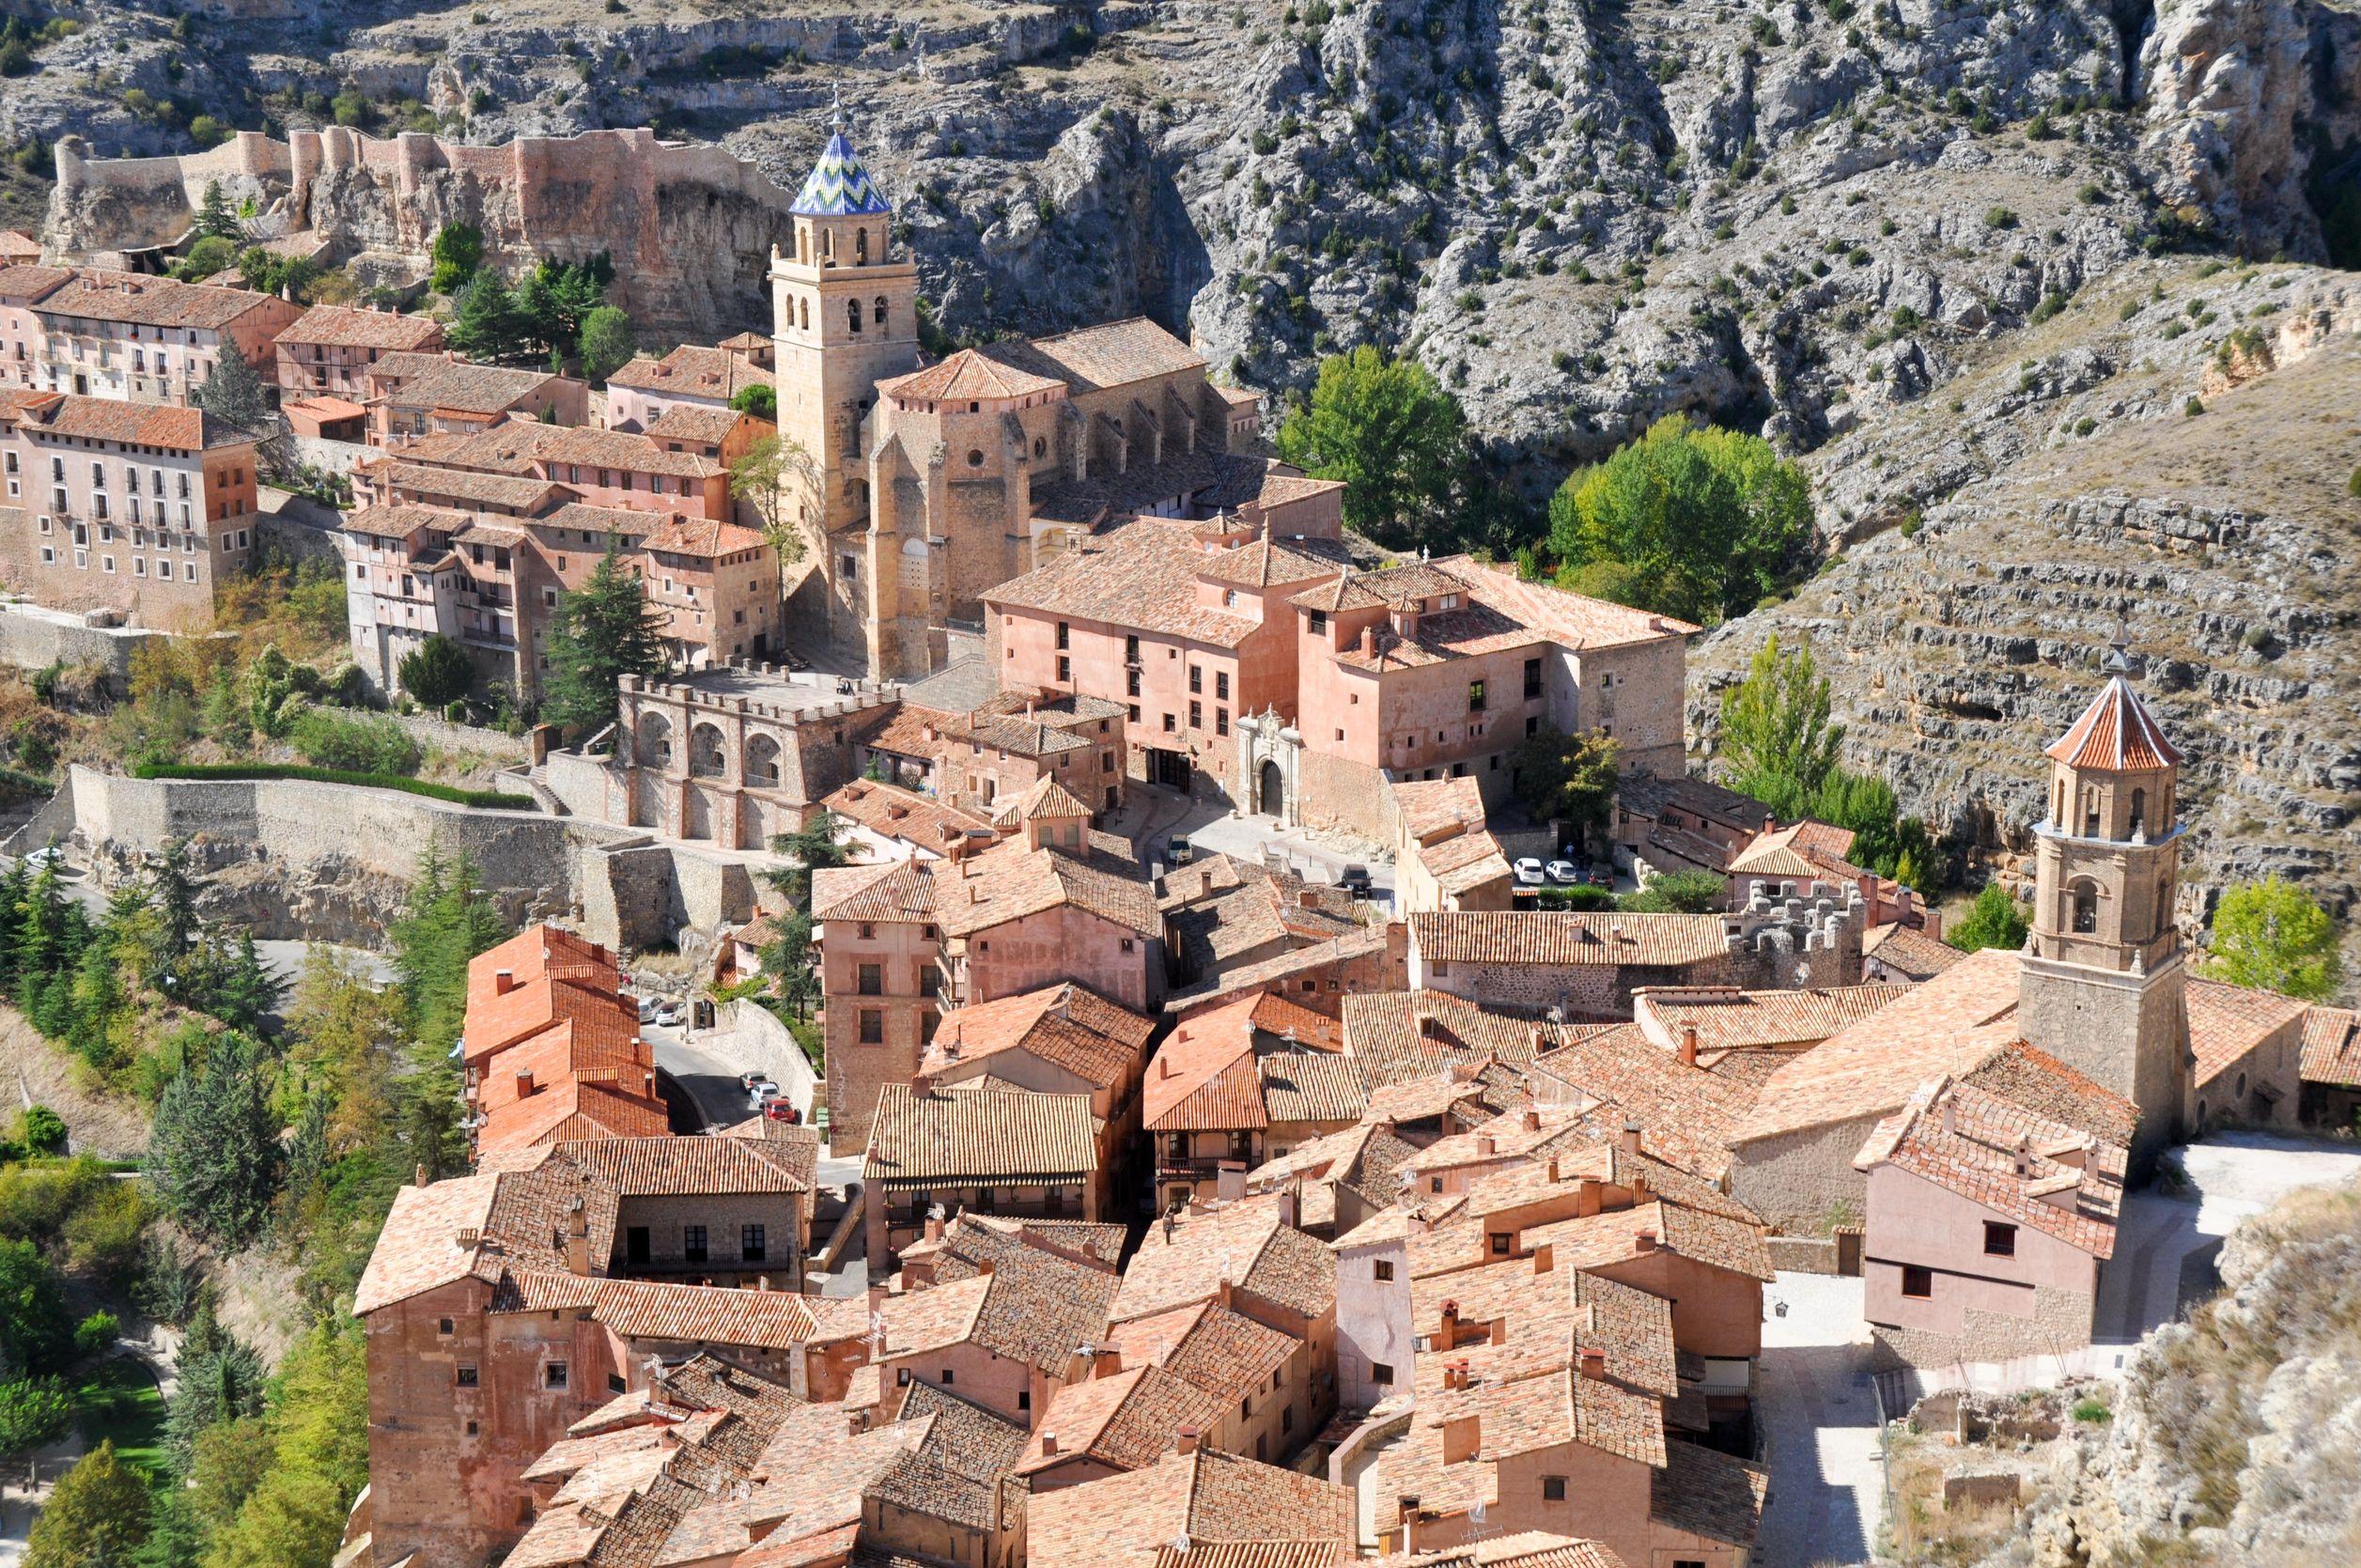 北スペインの観光スポットであるアラゴンのアルバラシン